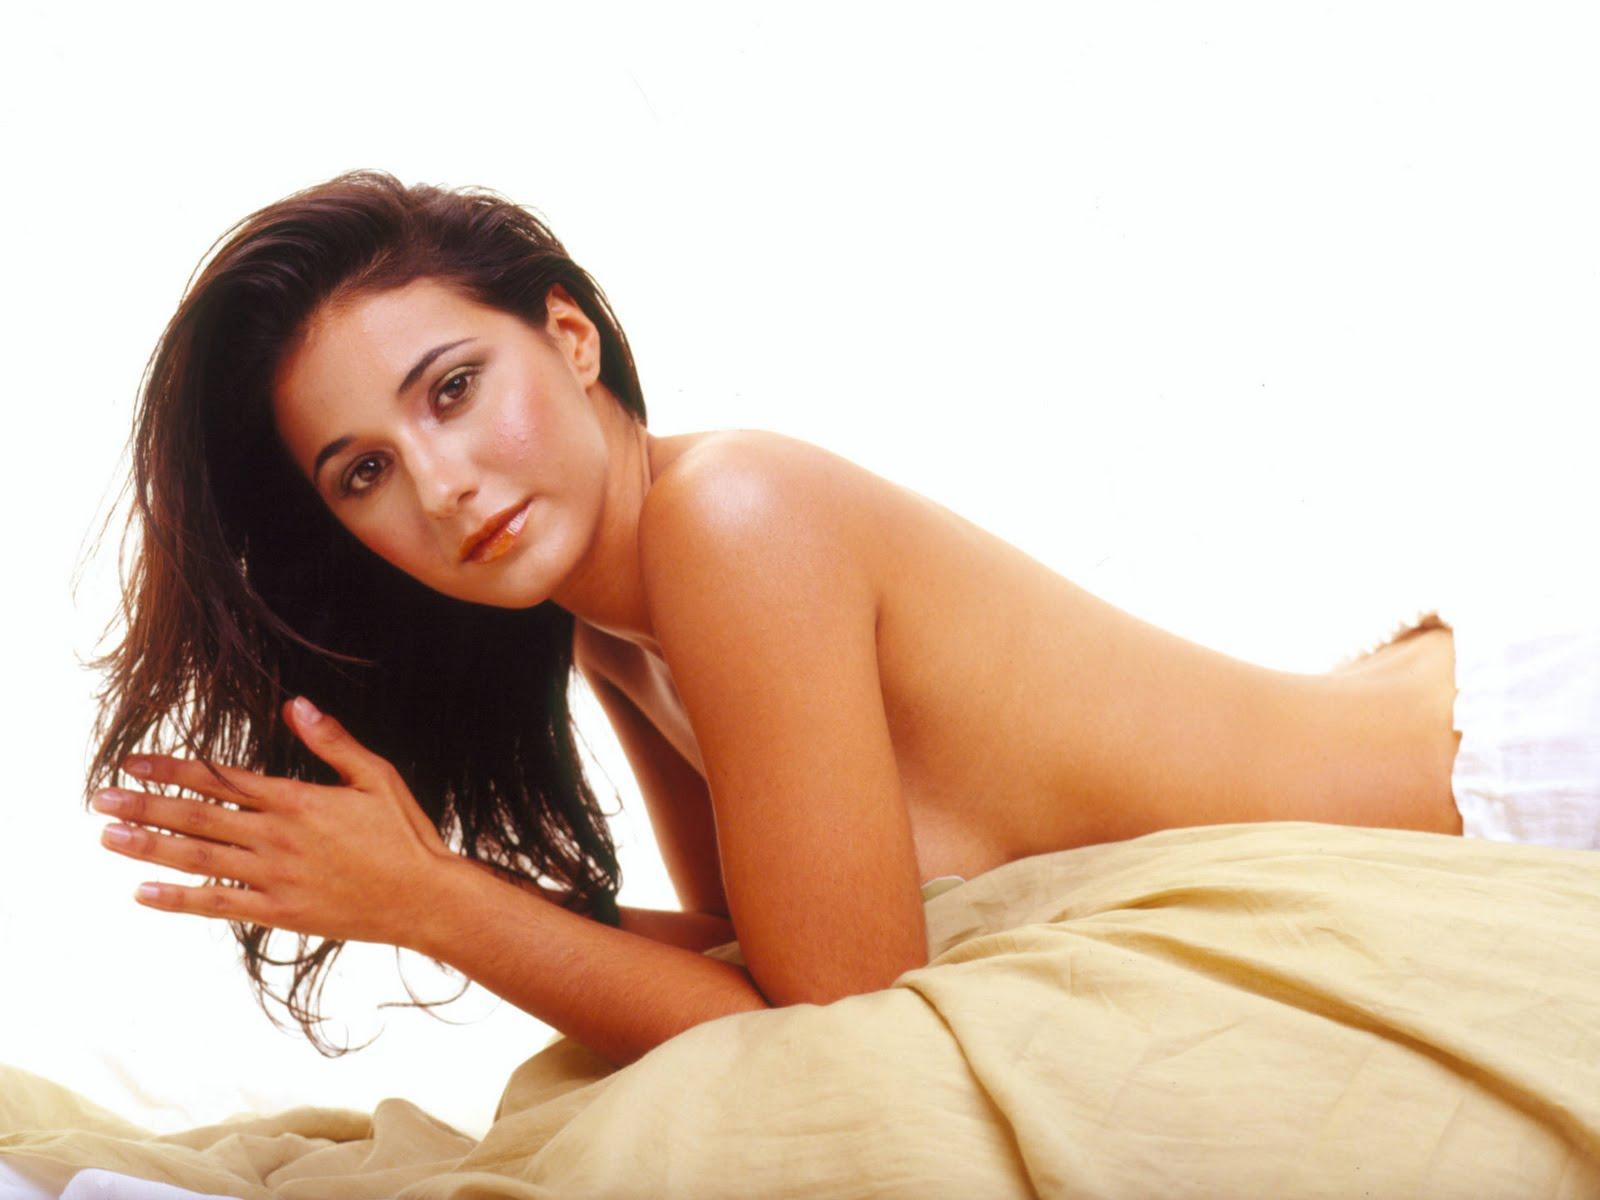 Erotic bikini wife